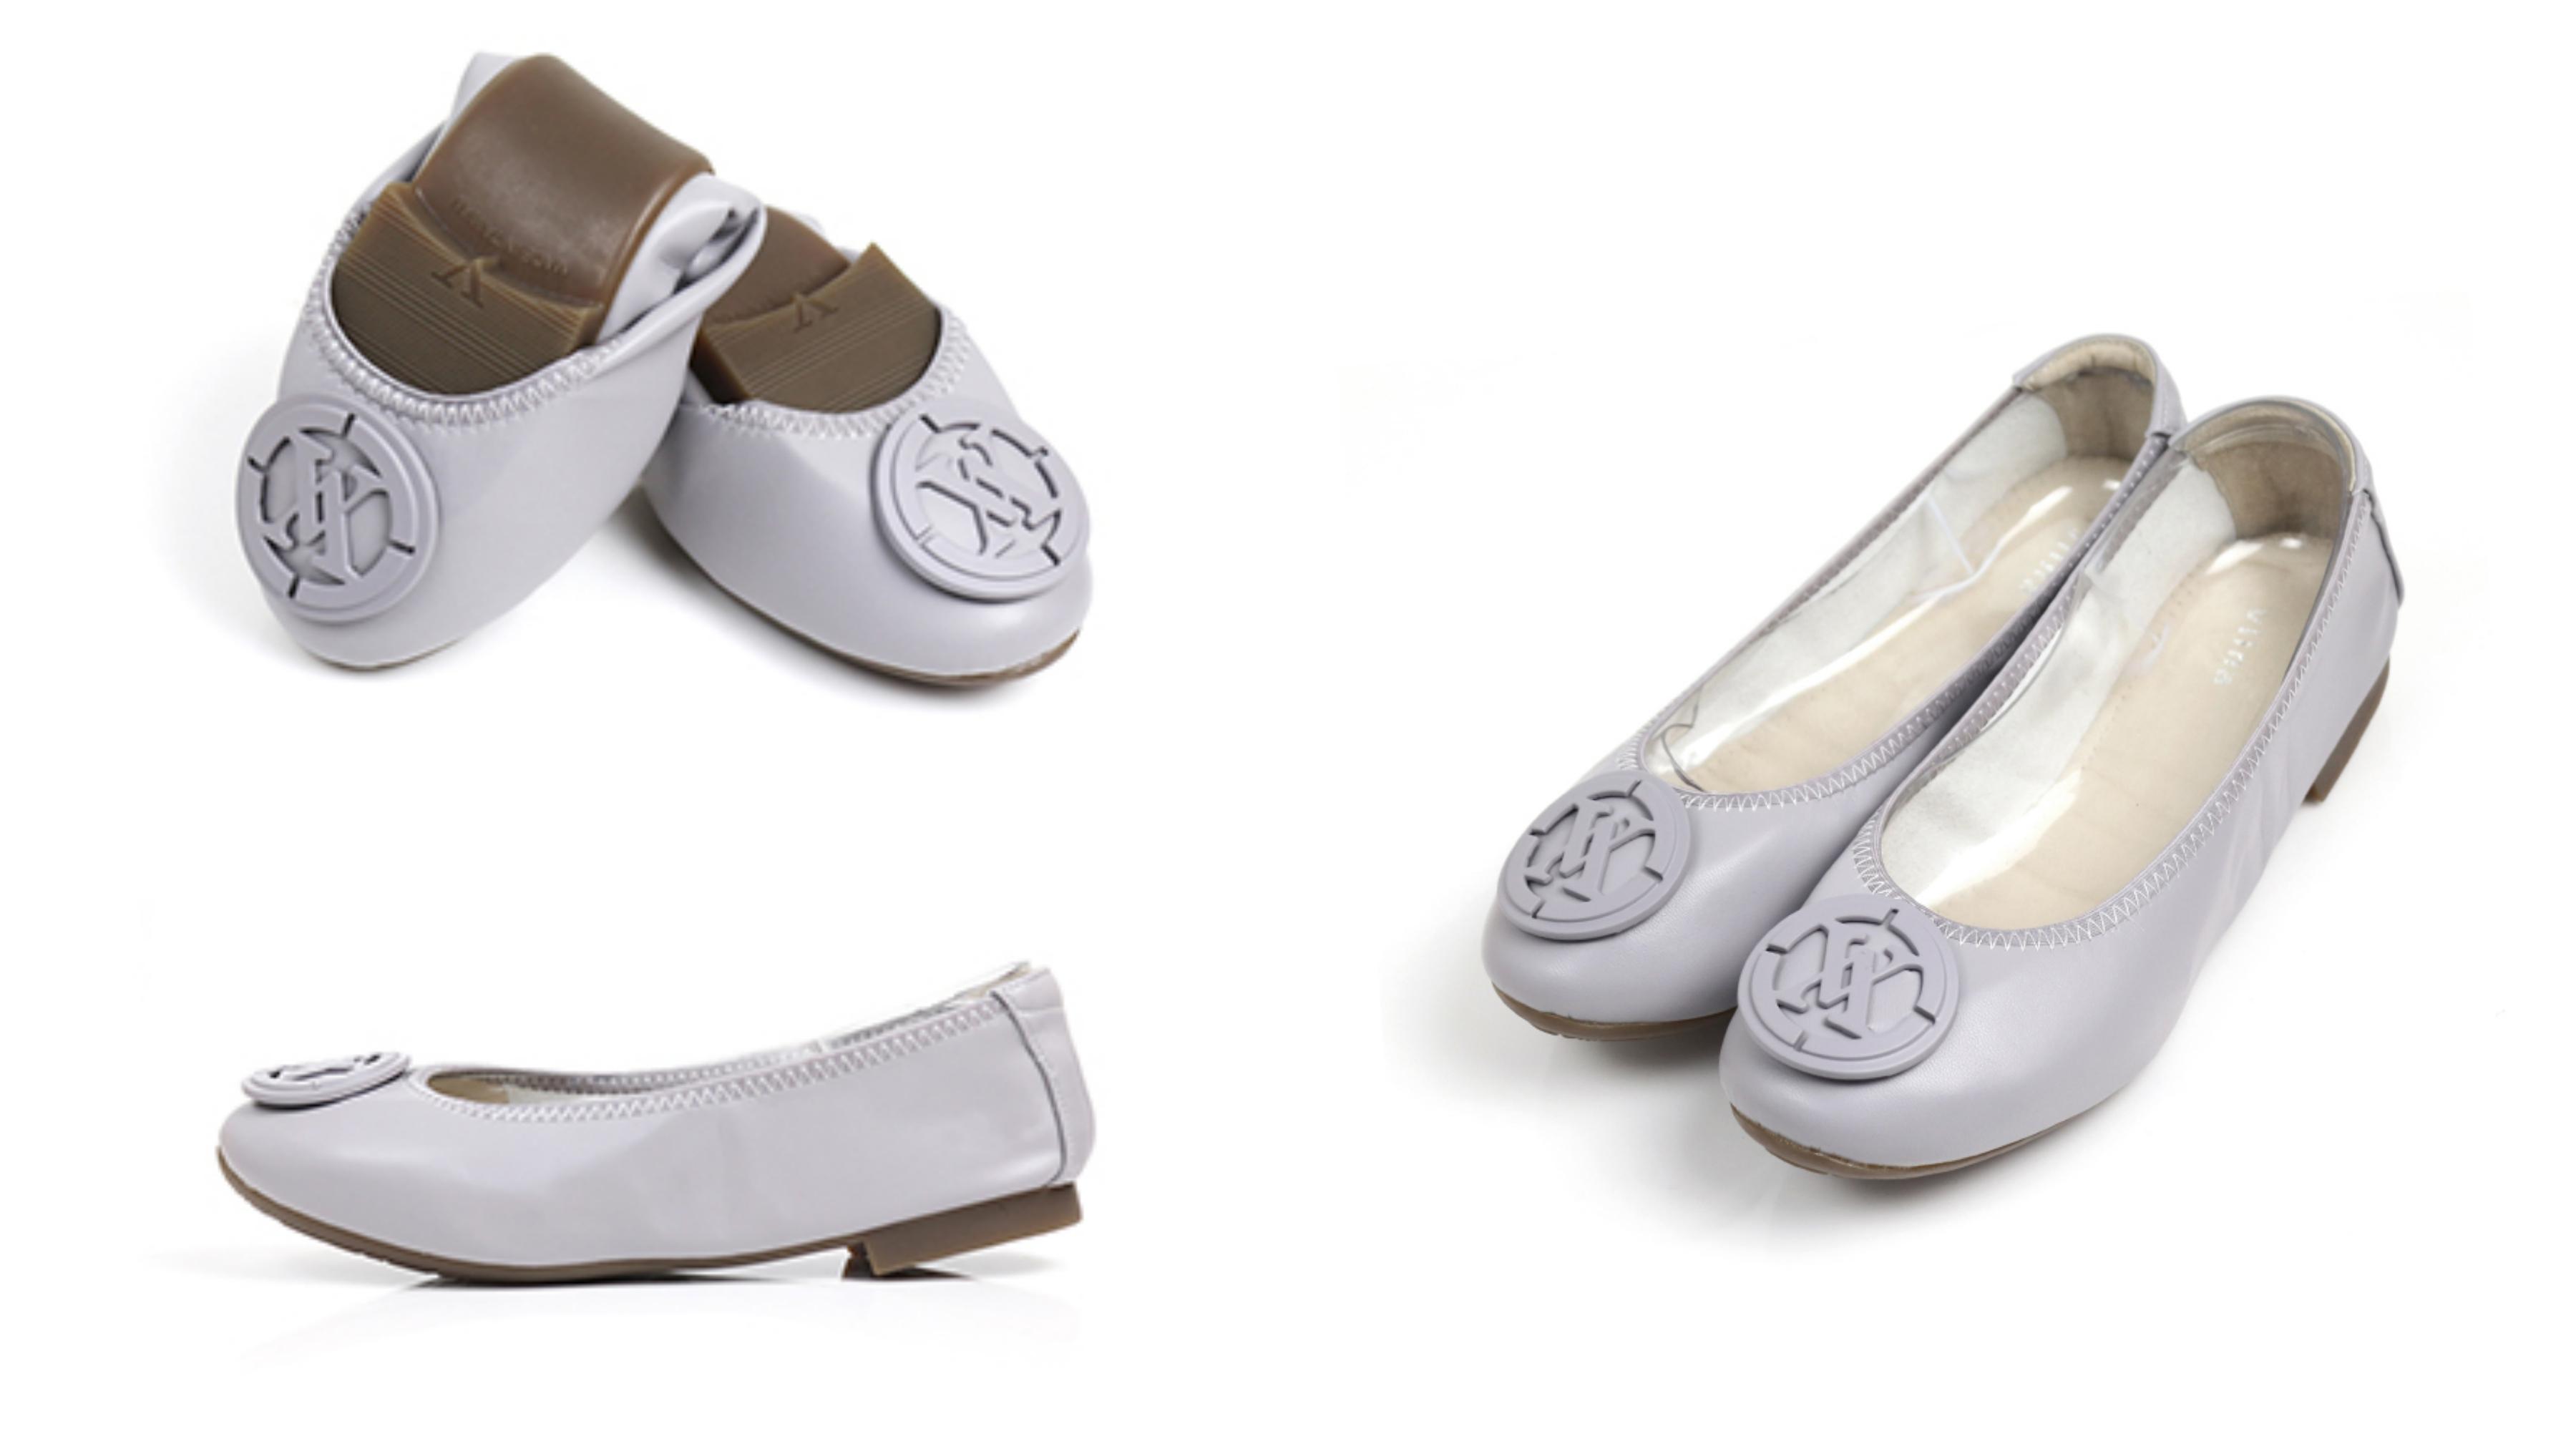 優雅飾釦設計,彈性滾邊完美包覆腳型